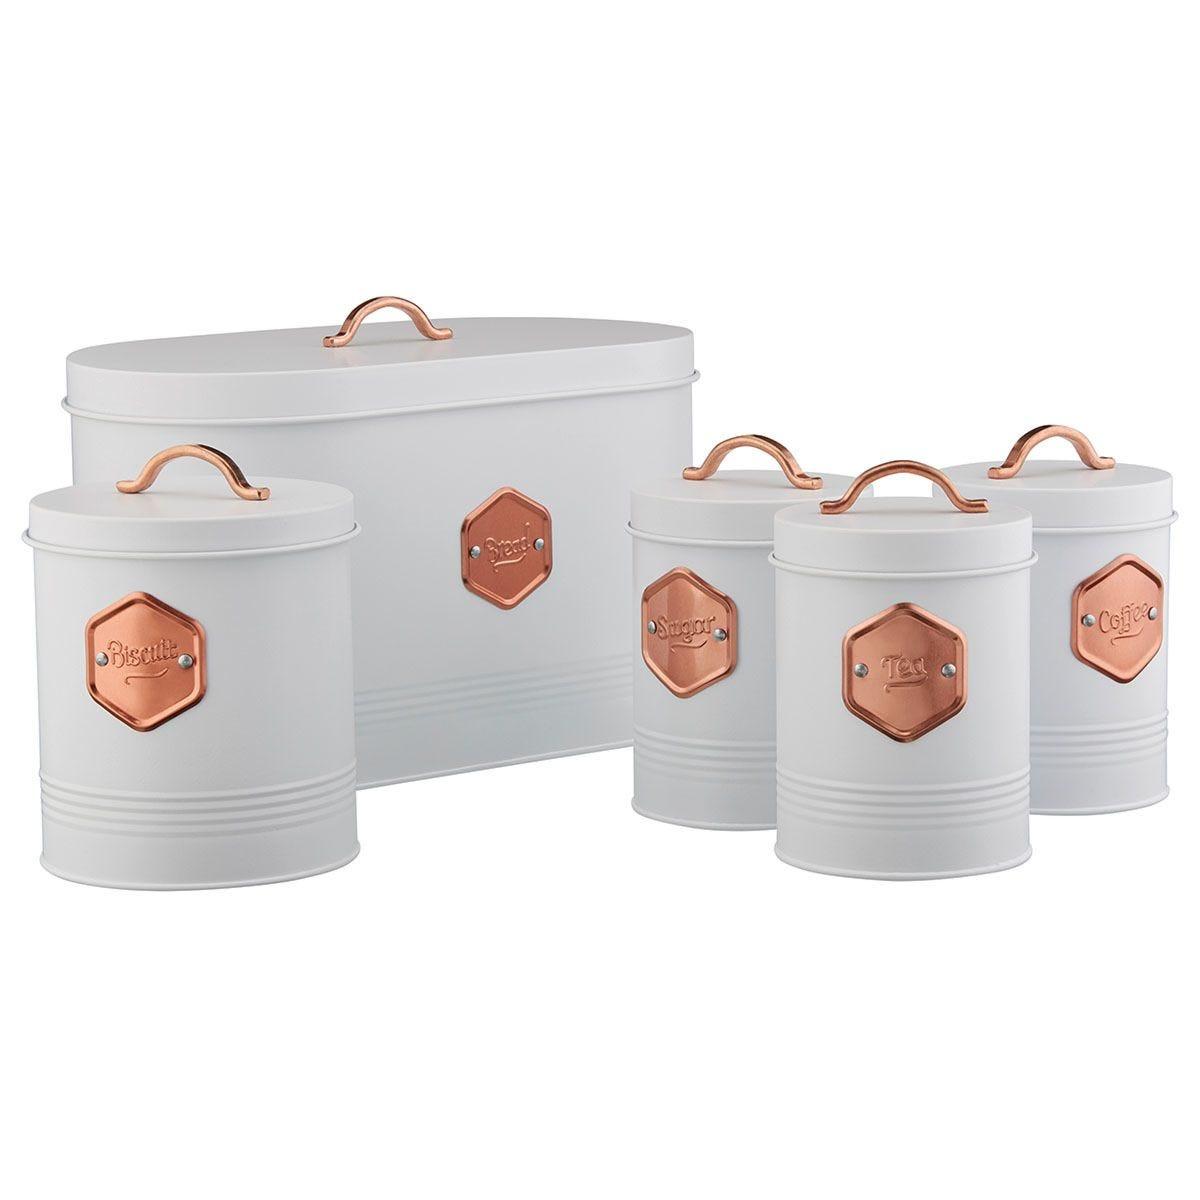 Cooks Professional Kitchen Storage Set - White & Copper